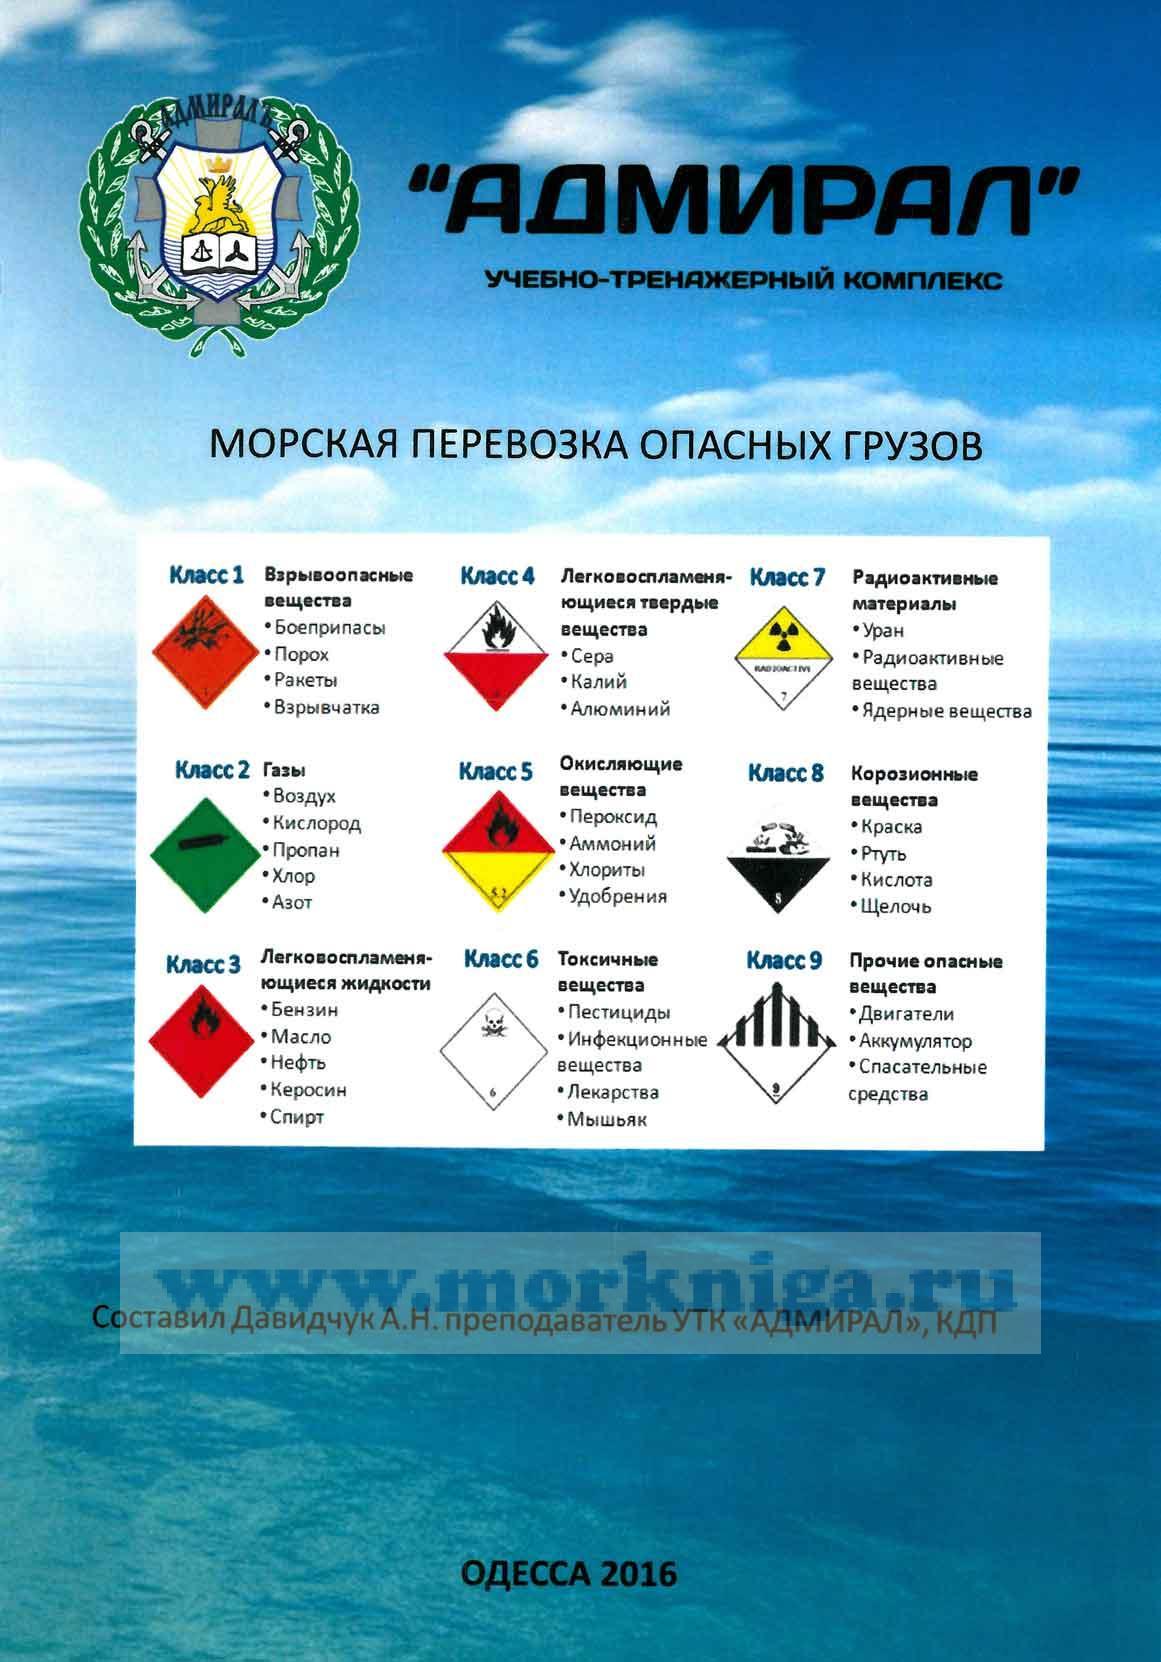 Морская перевозка опасных грузов